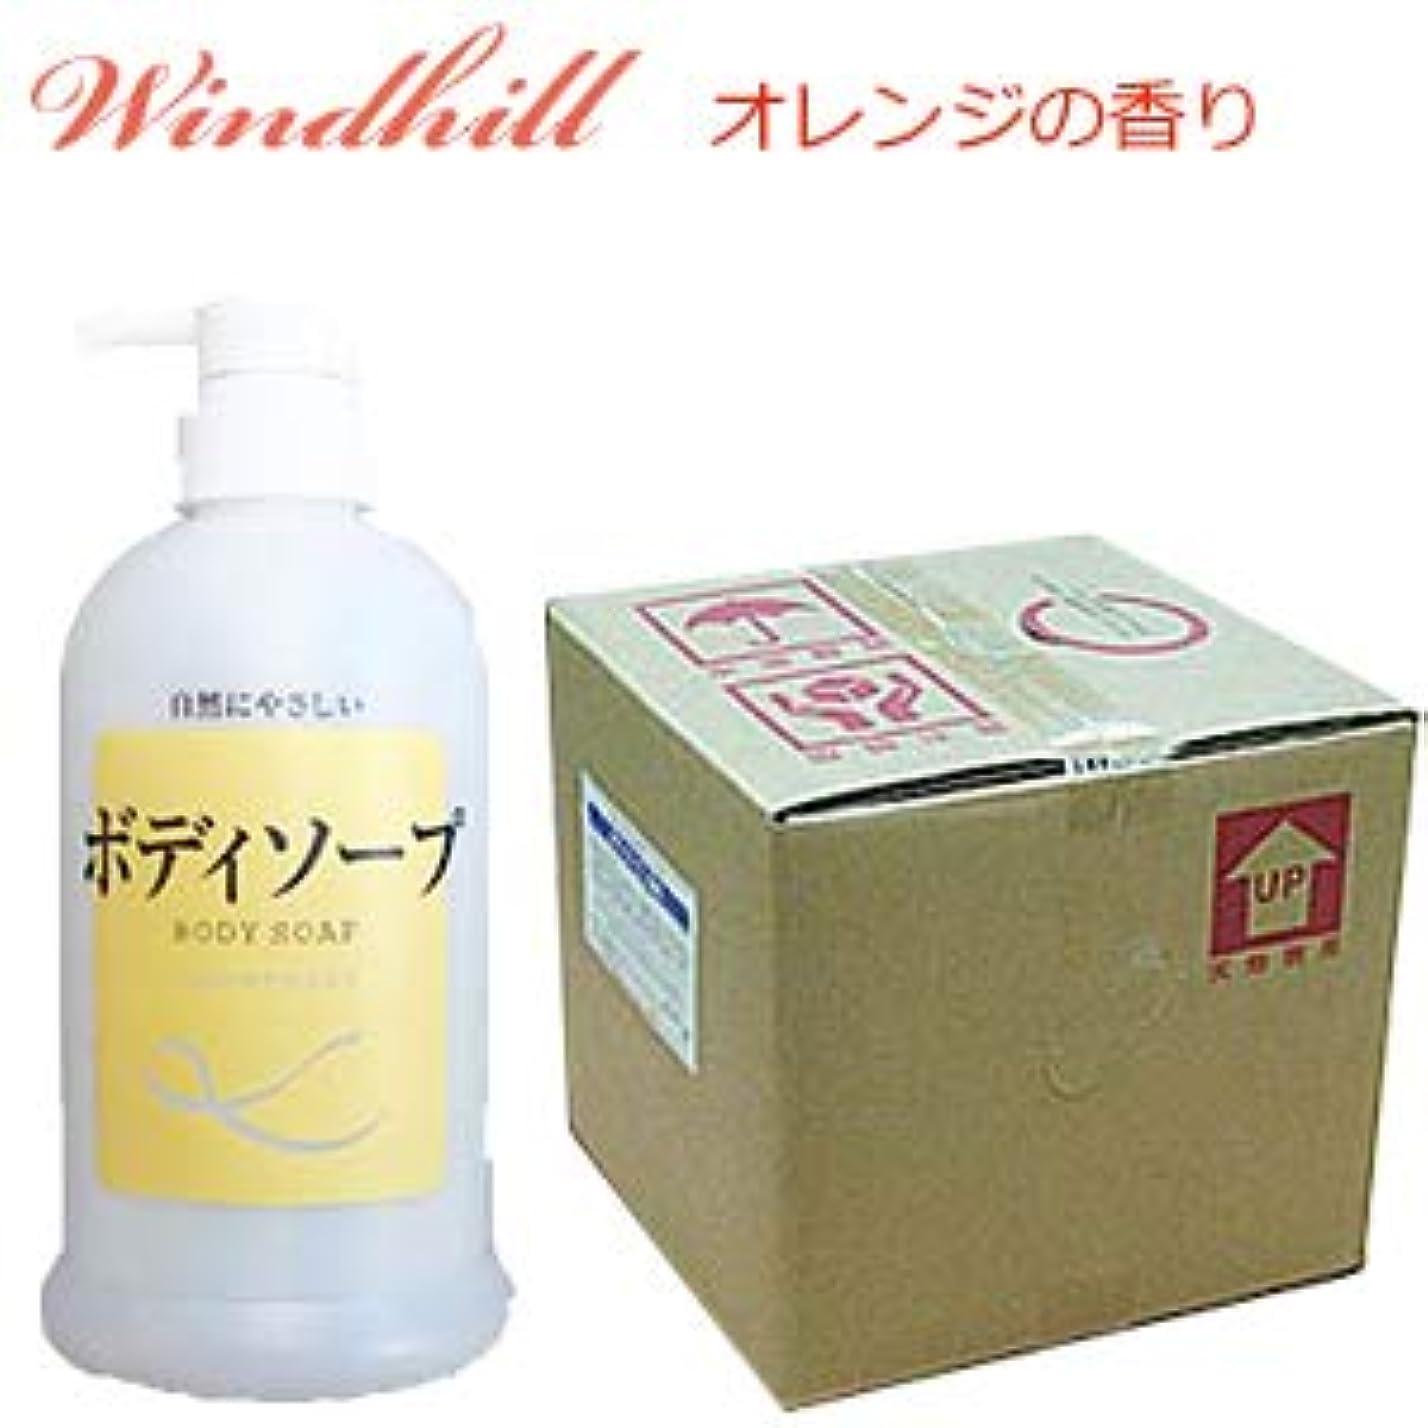 バイパスペルセウス熟すWindhill 植物性 業務用ボディソープオレンジの香り 20L(1セット20L入)